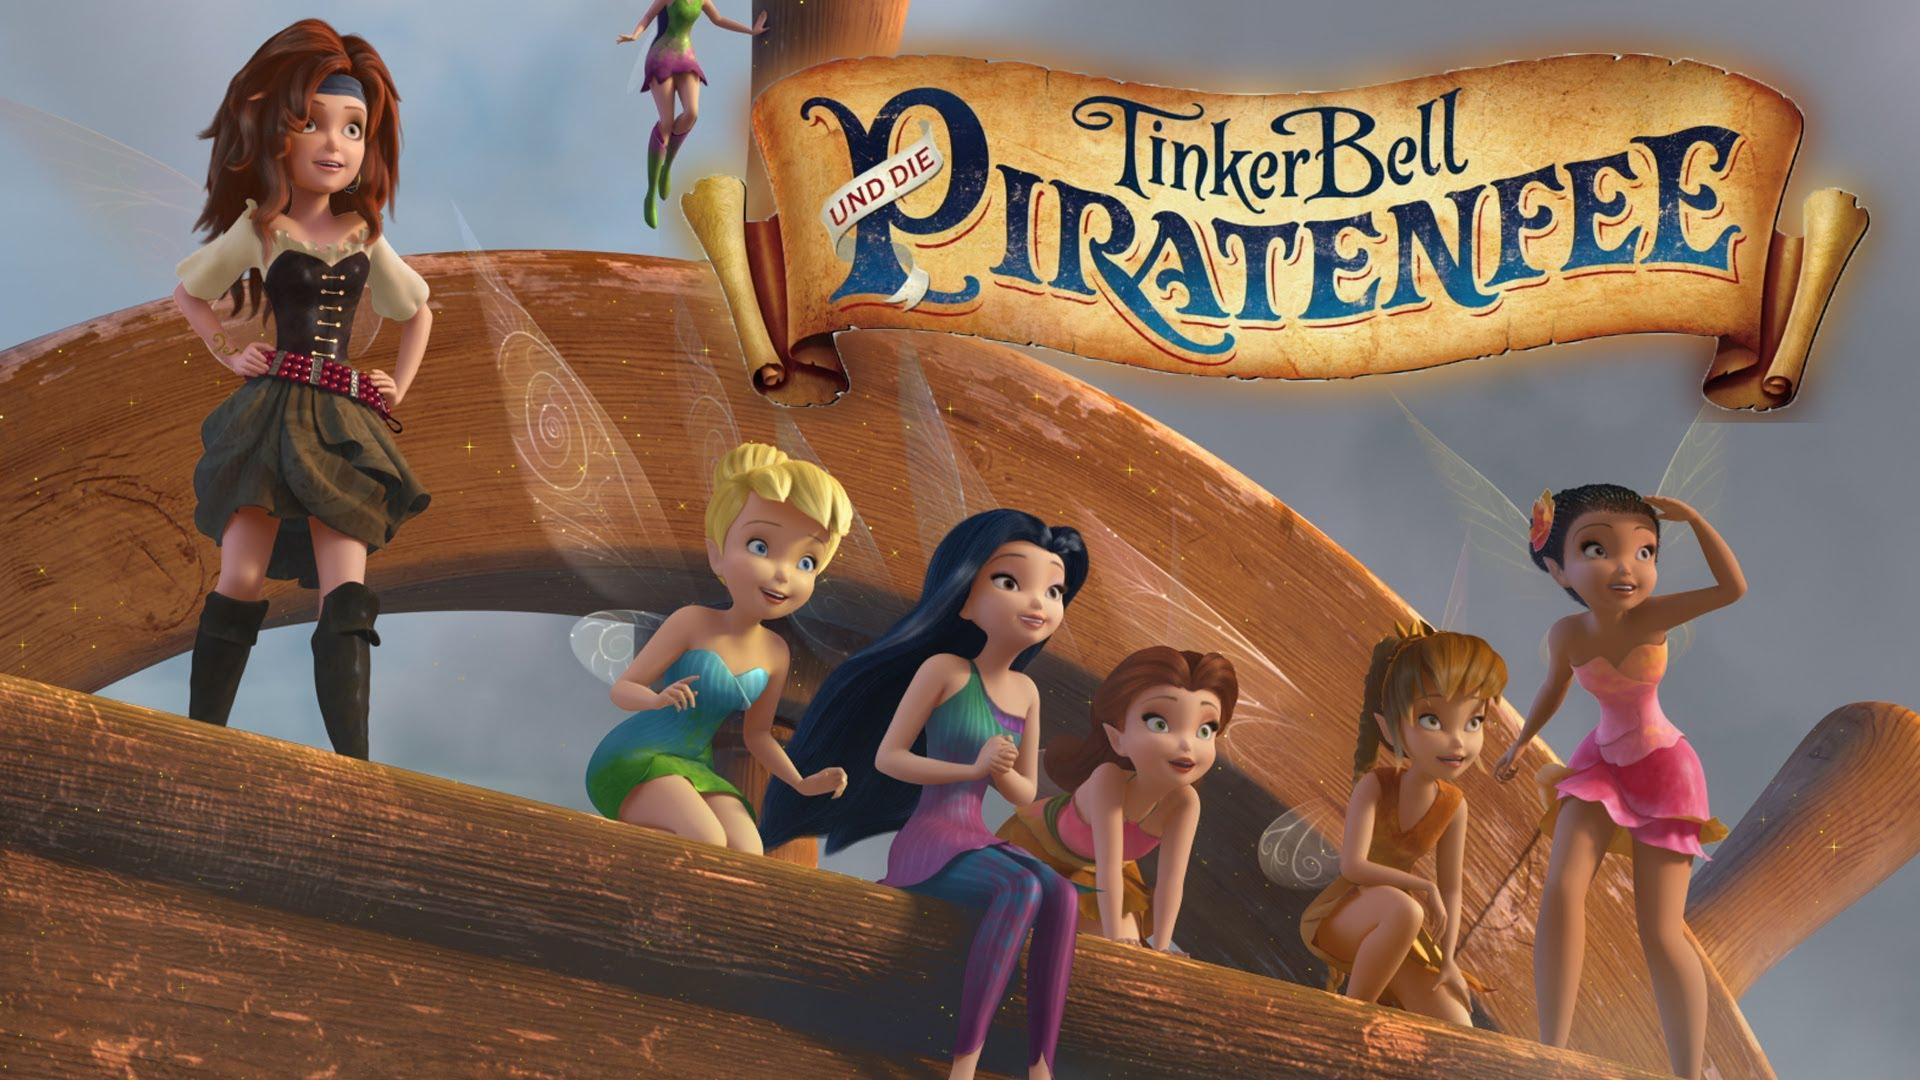 wie viele Tinkerbellfilme gibt es und wie heißen sie? (Film, DVD, Disney)